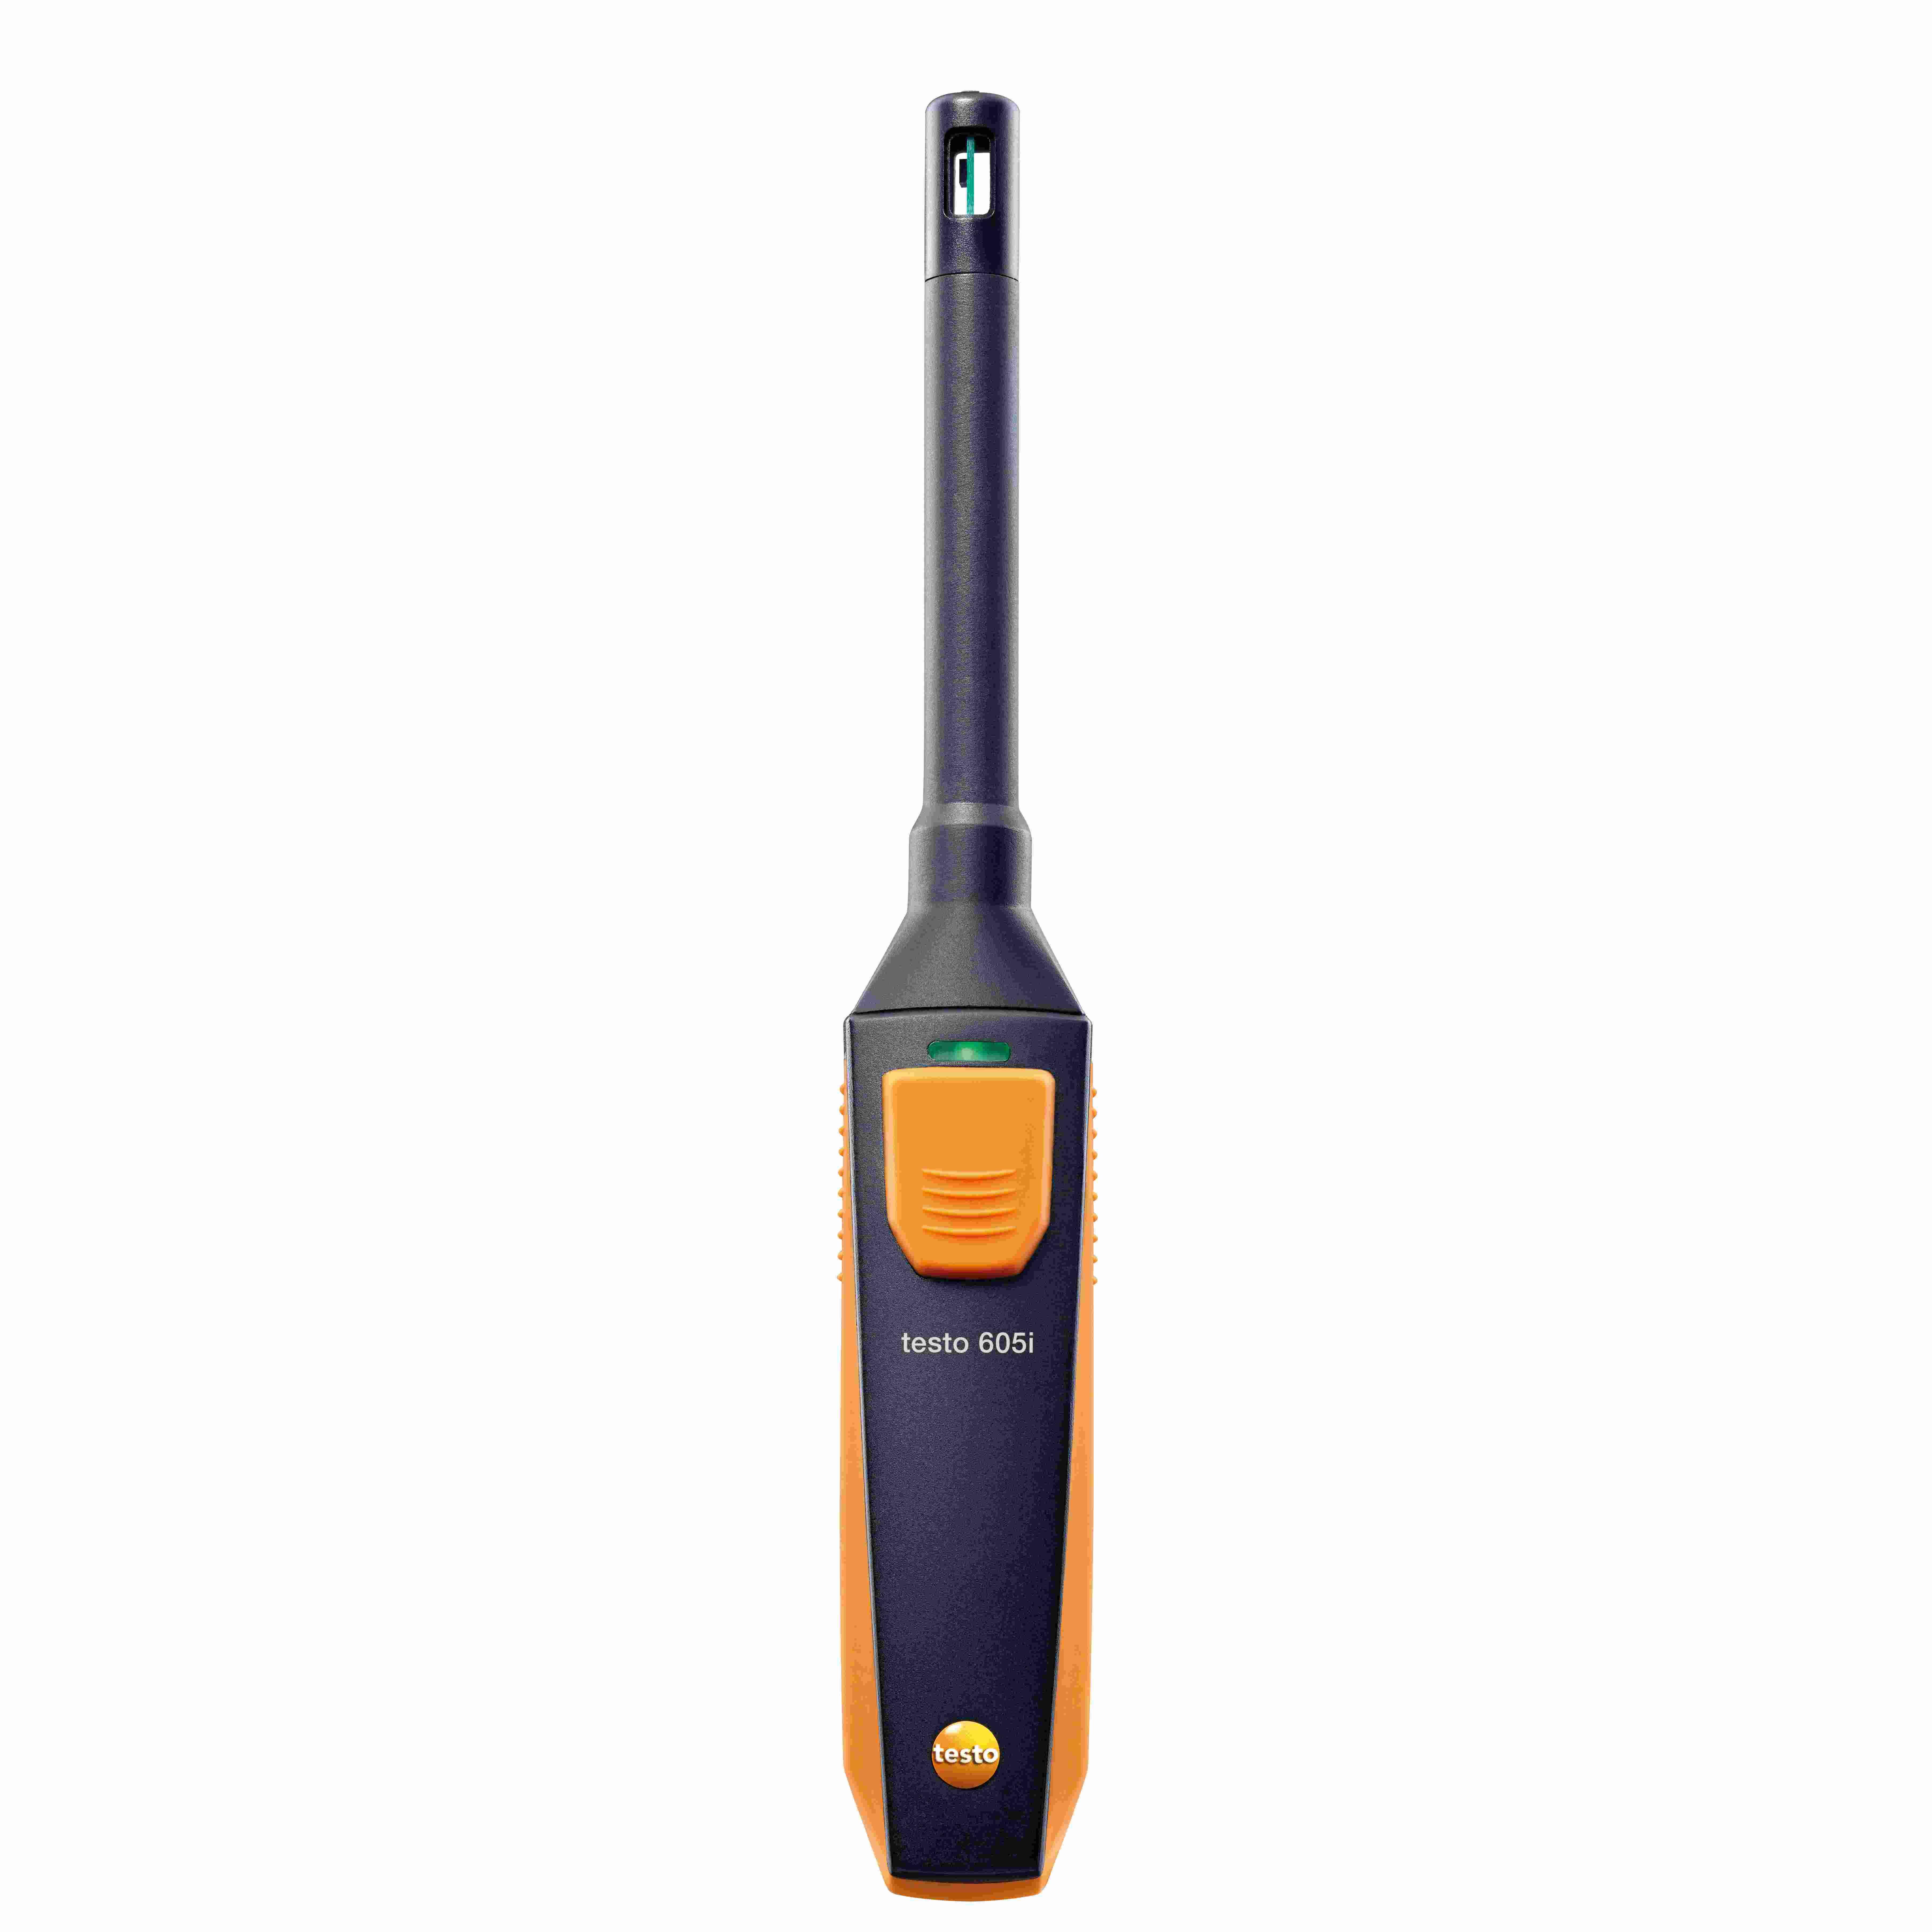 testo-605i-humidity-front